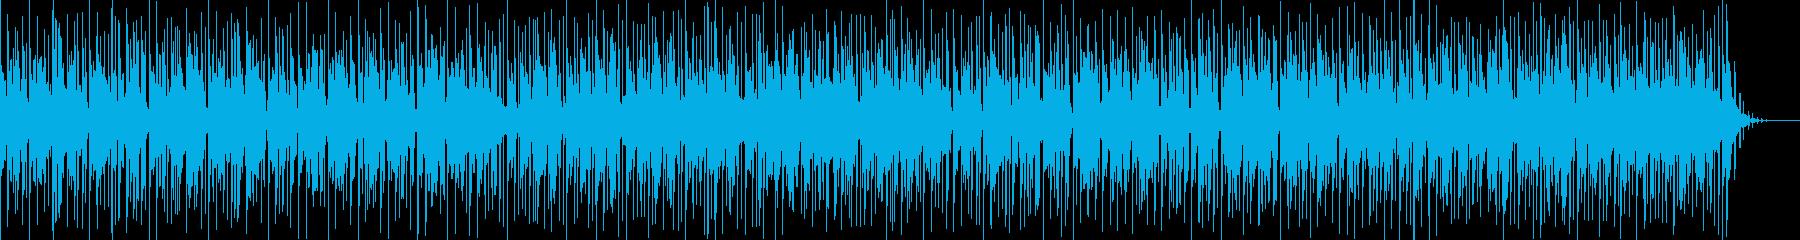 少しサスペンス感のあるダークトラッ...の再生済みの波形